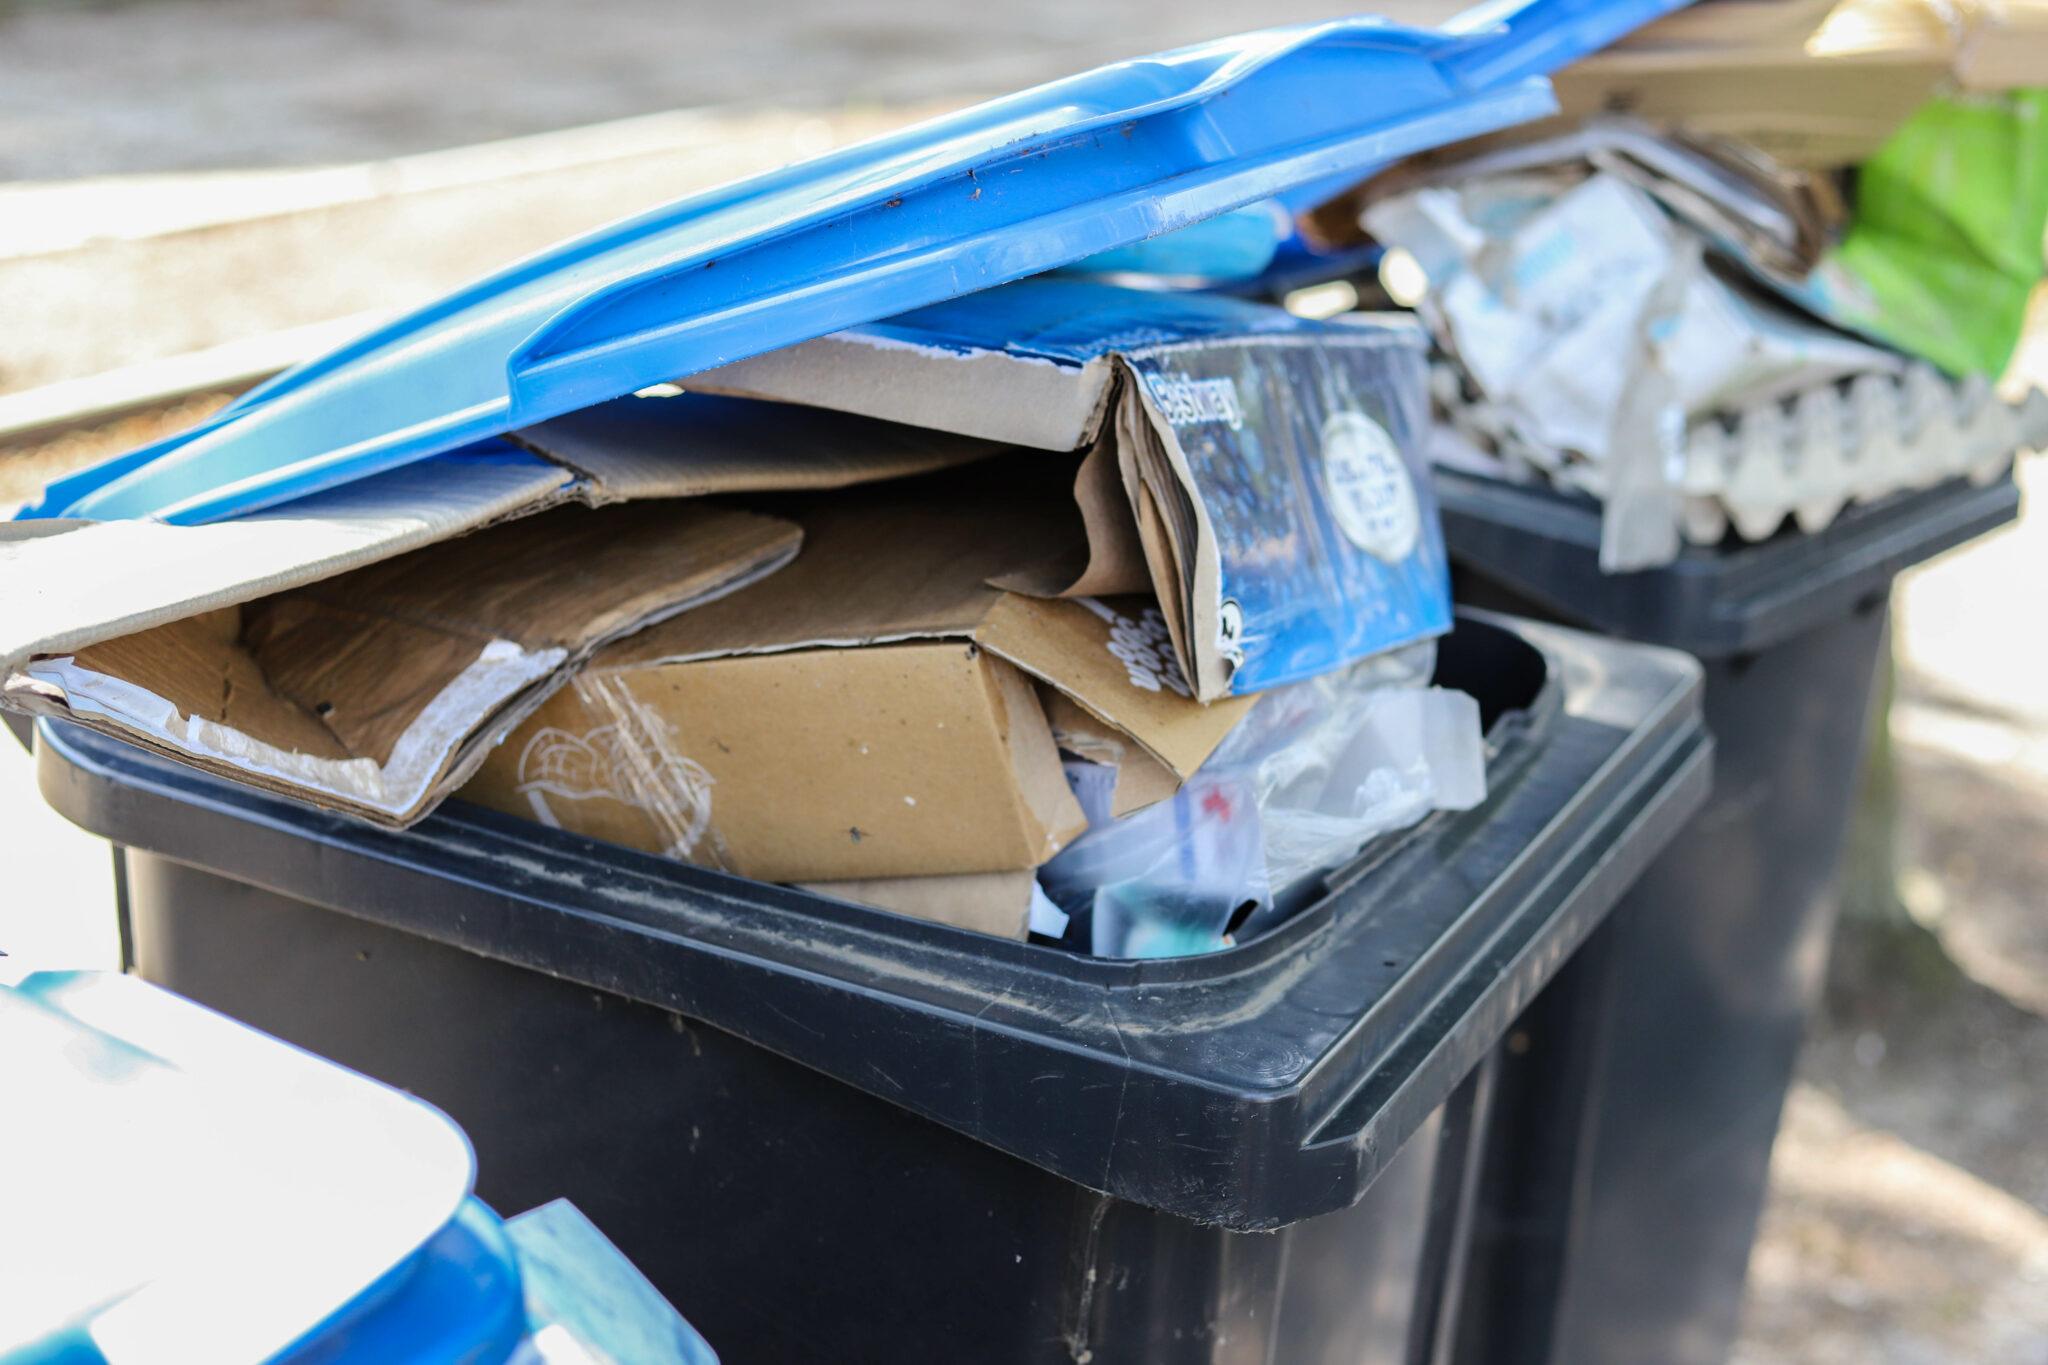 vuilnisbak container kliko papierbak papier blauwe bak afval oud papier